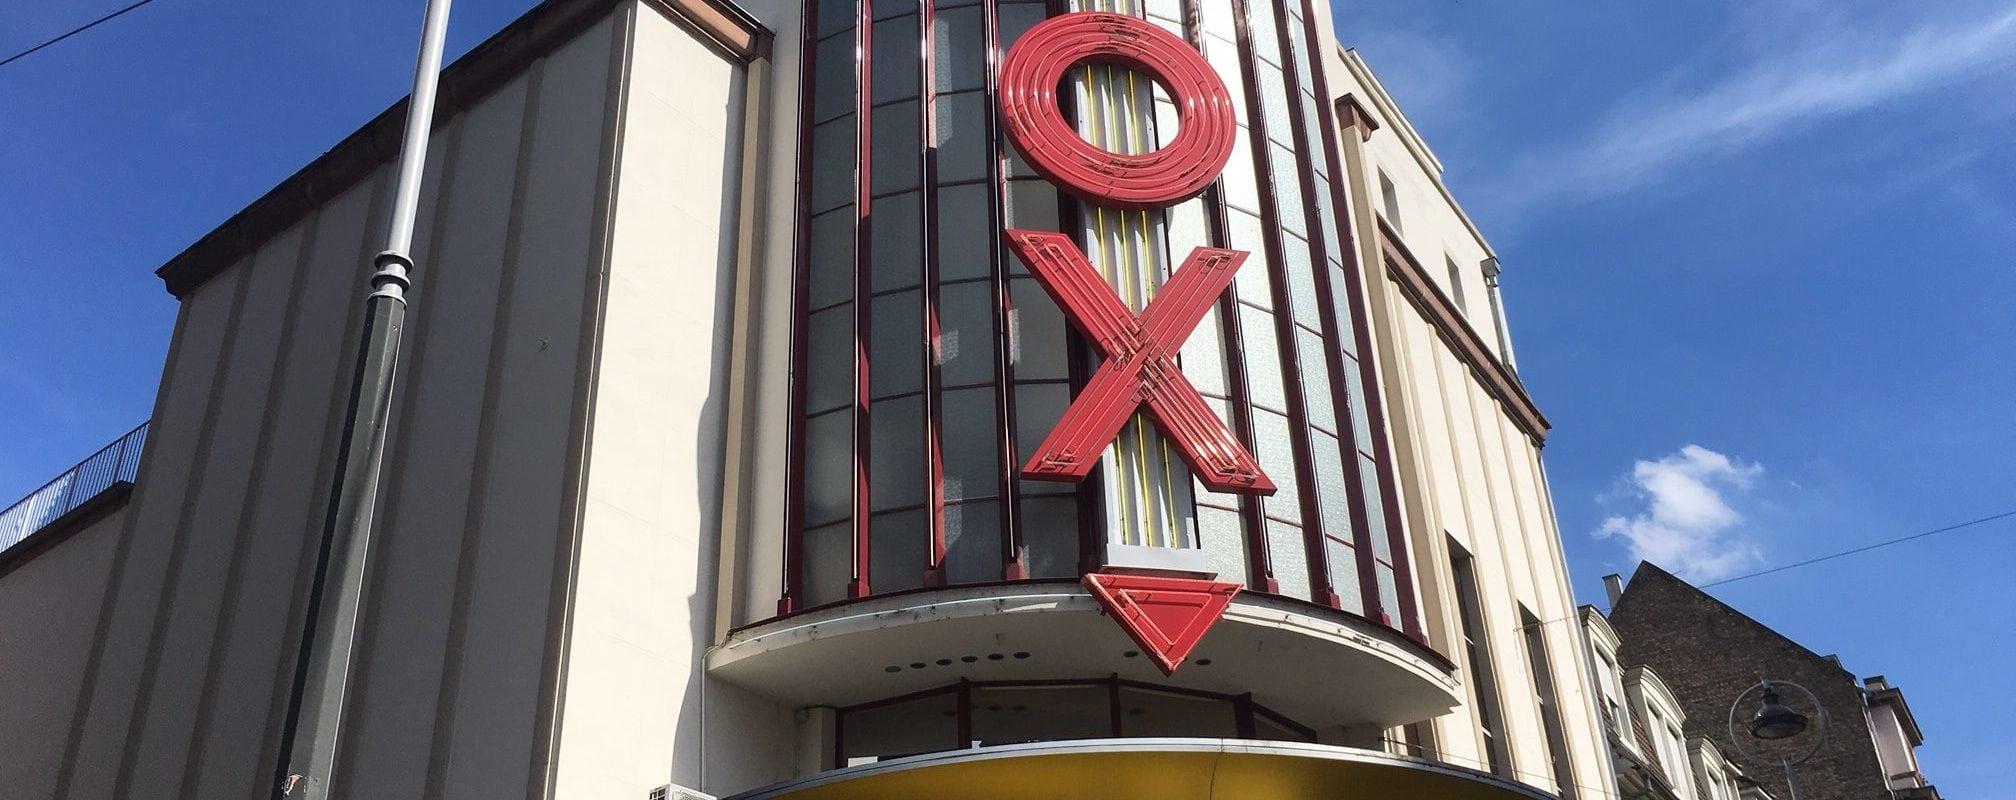 Cinéma historique de Strasbourg, le Vox mise sur la technologie